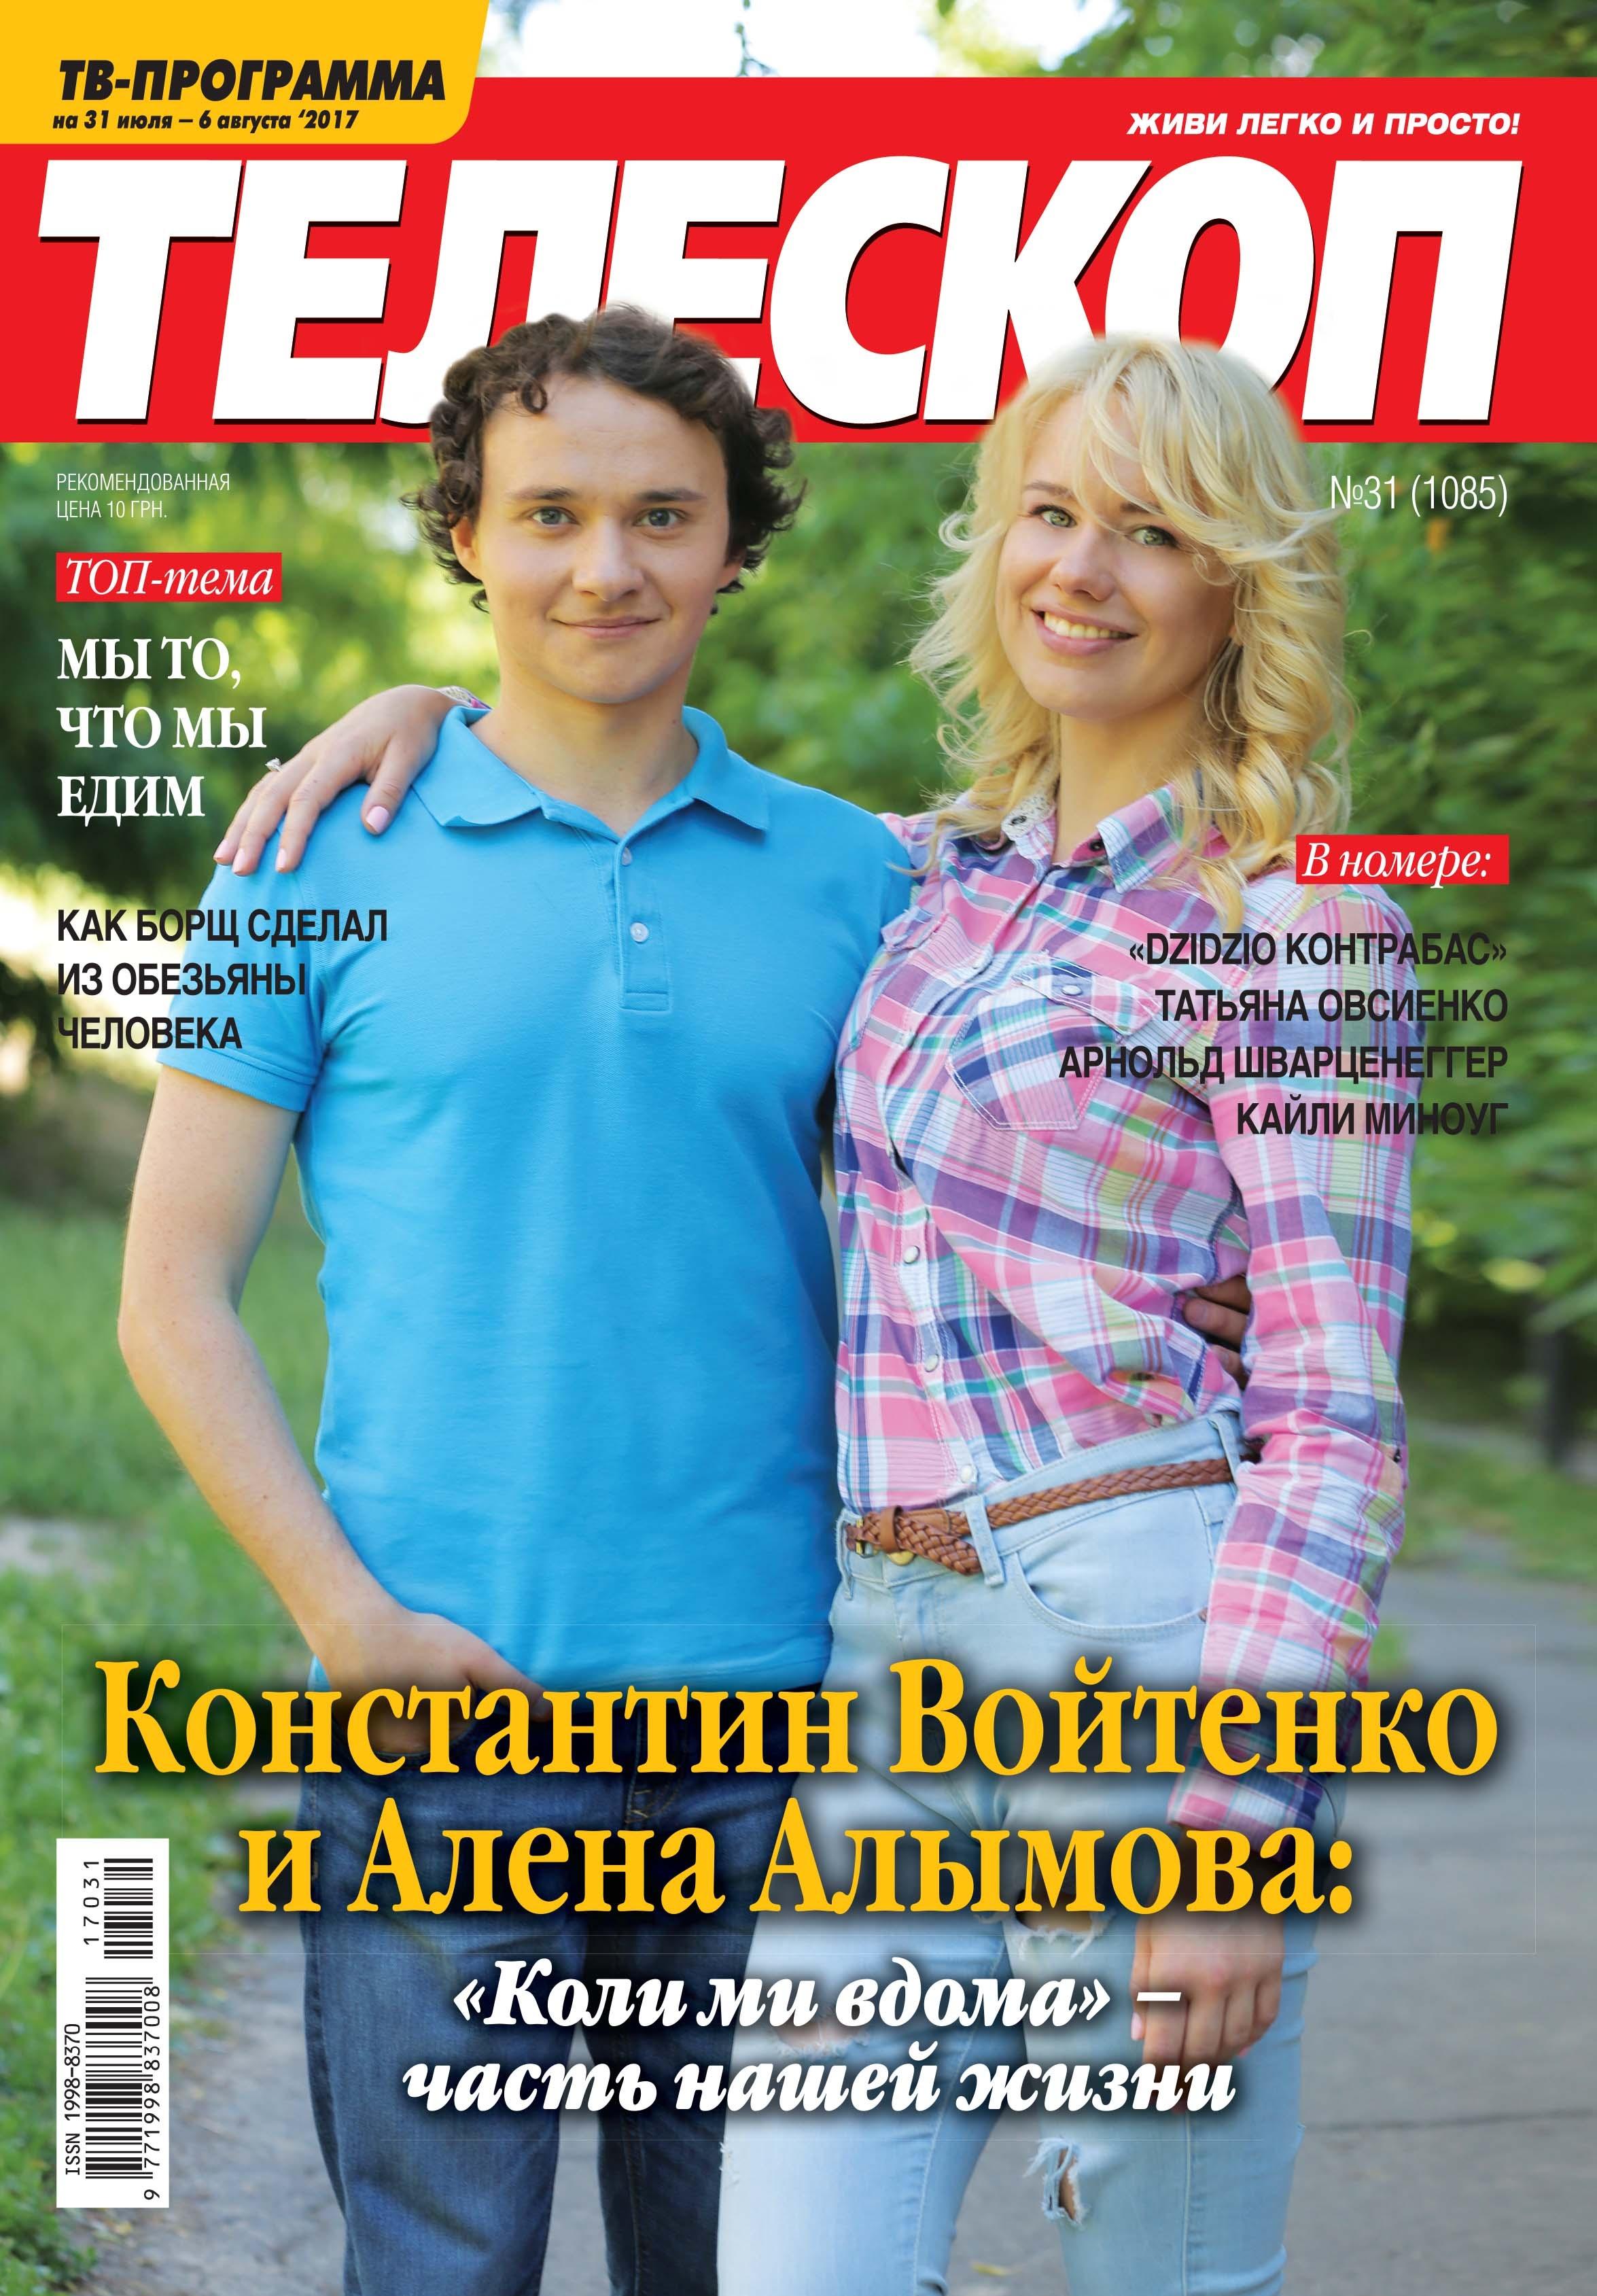 konstantin-vojtenko-i-alena-alymova-koli-mi-vdoma-chast-nashej-zhizni